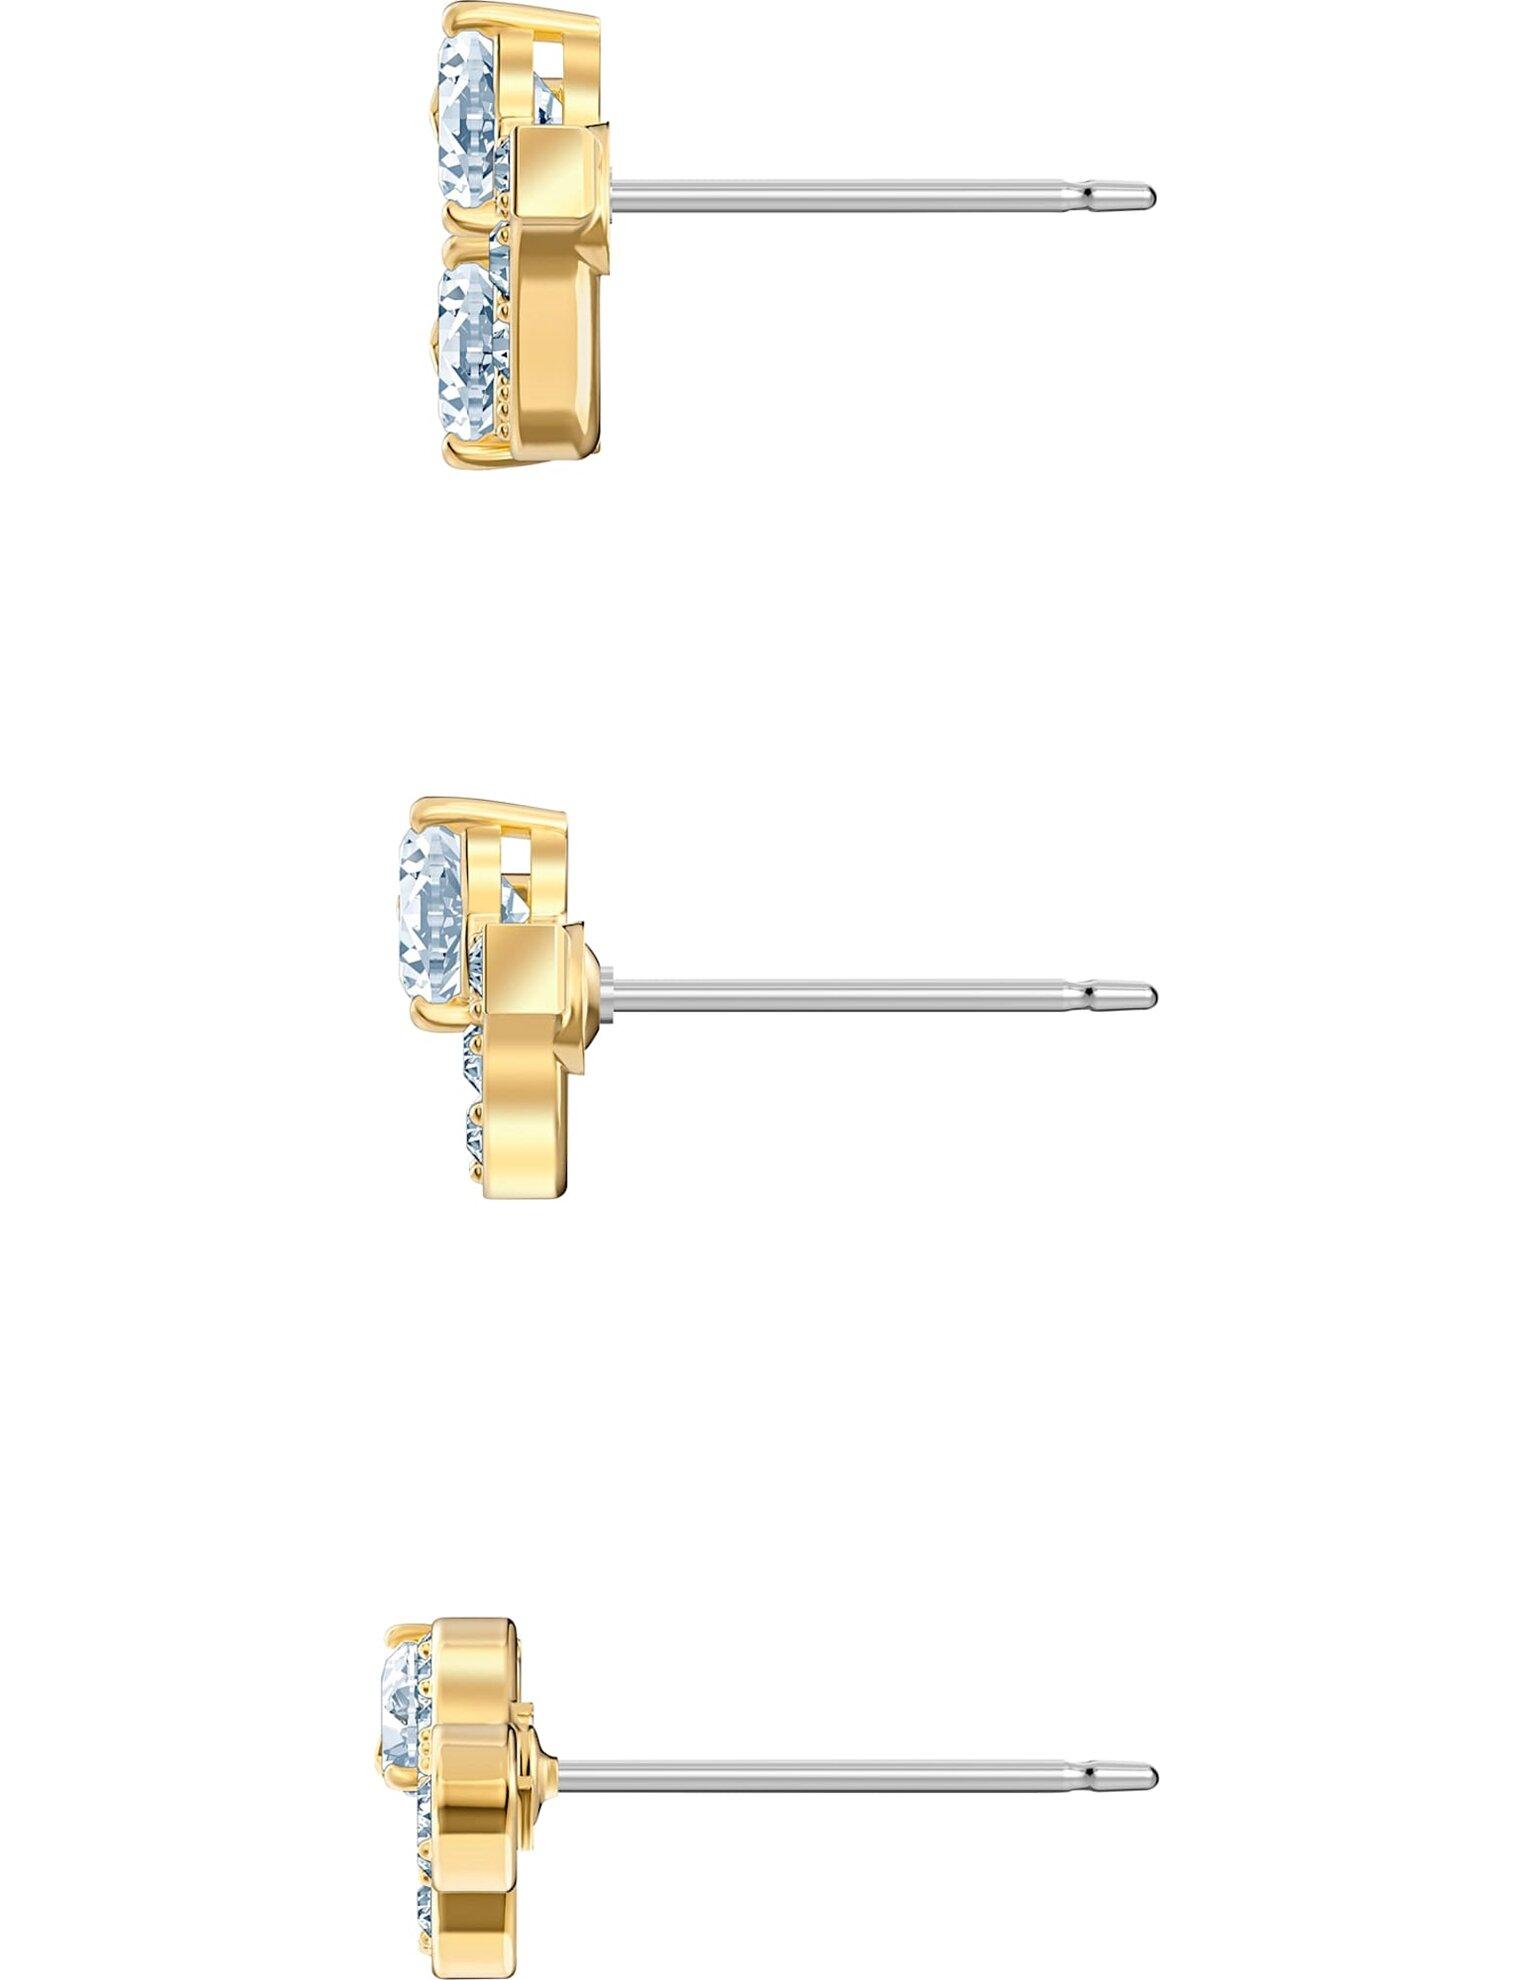 Picture of Pleasant İğneli Küpe seti, Beyaz, Altın rengi kaplama